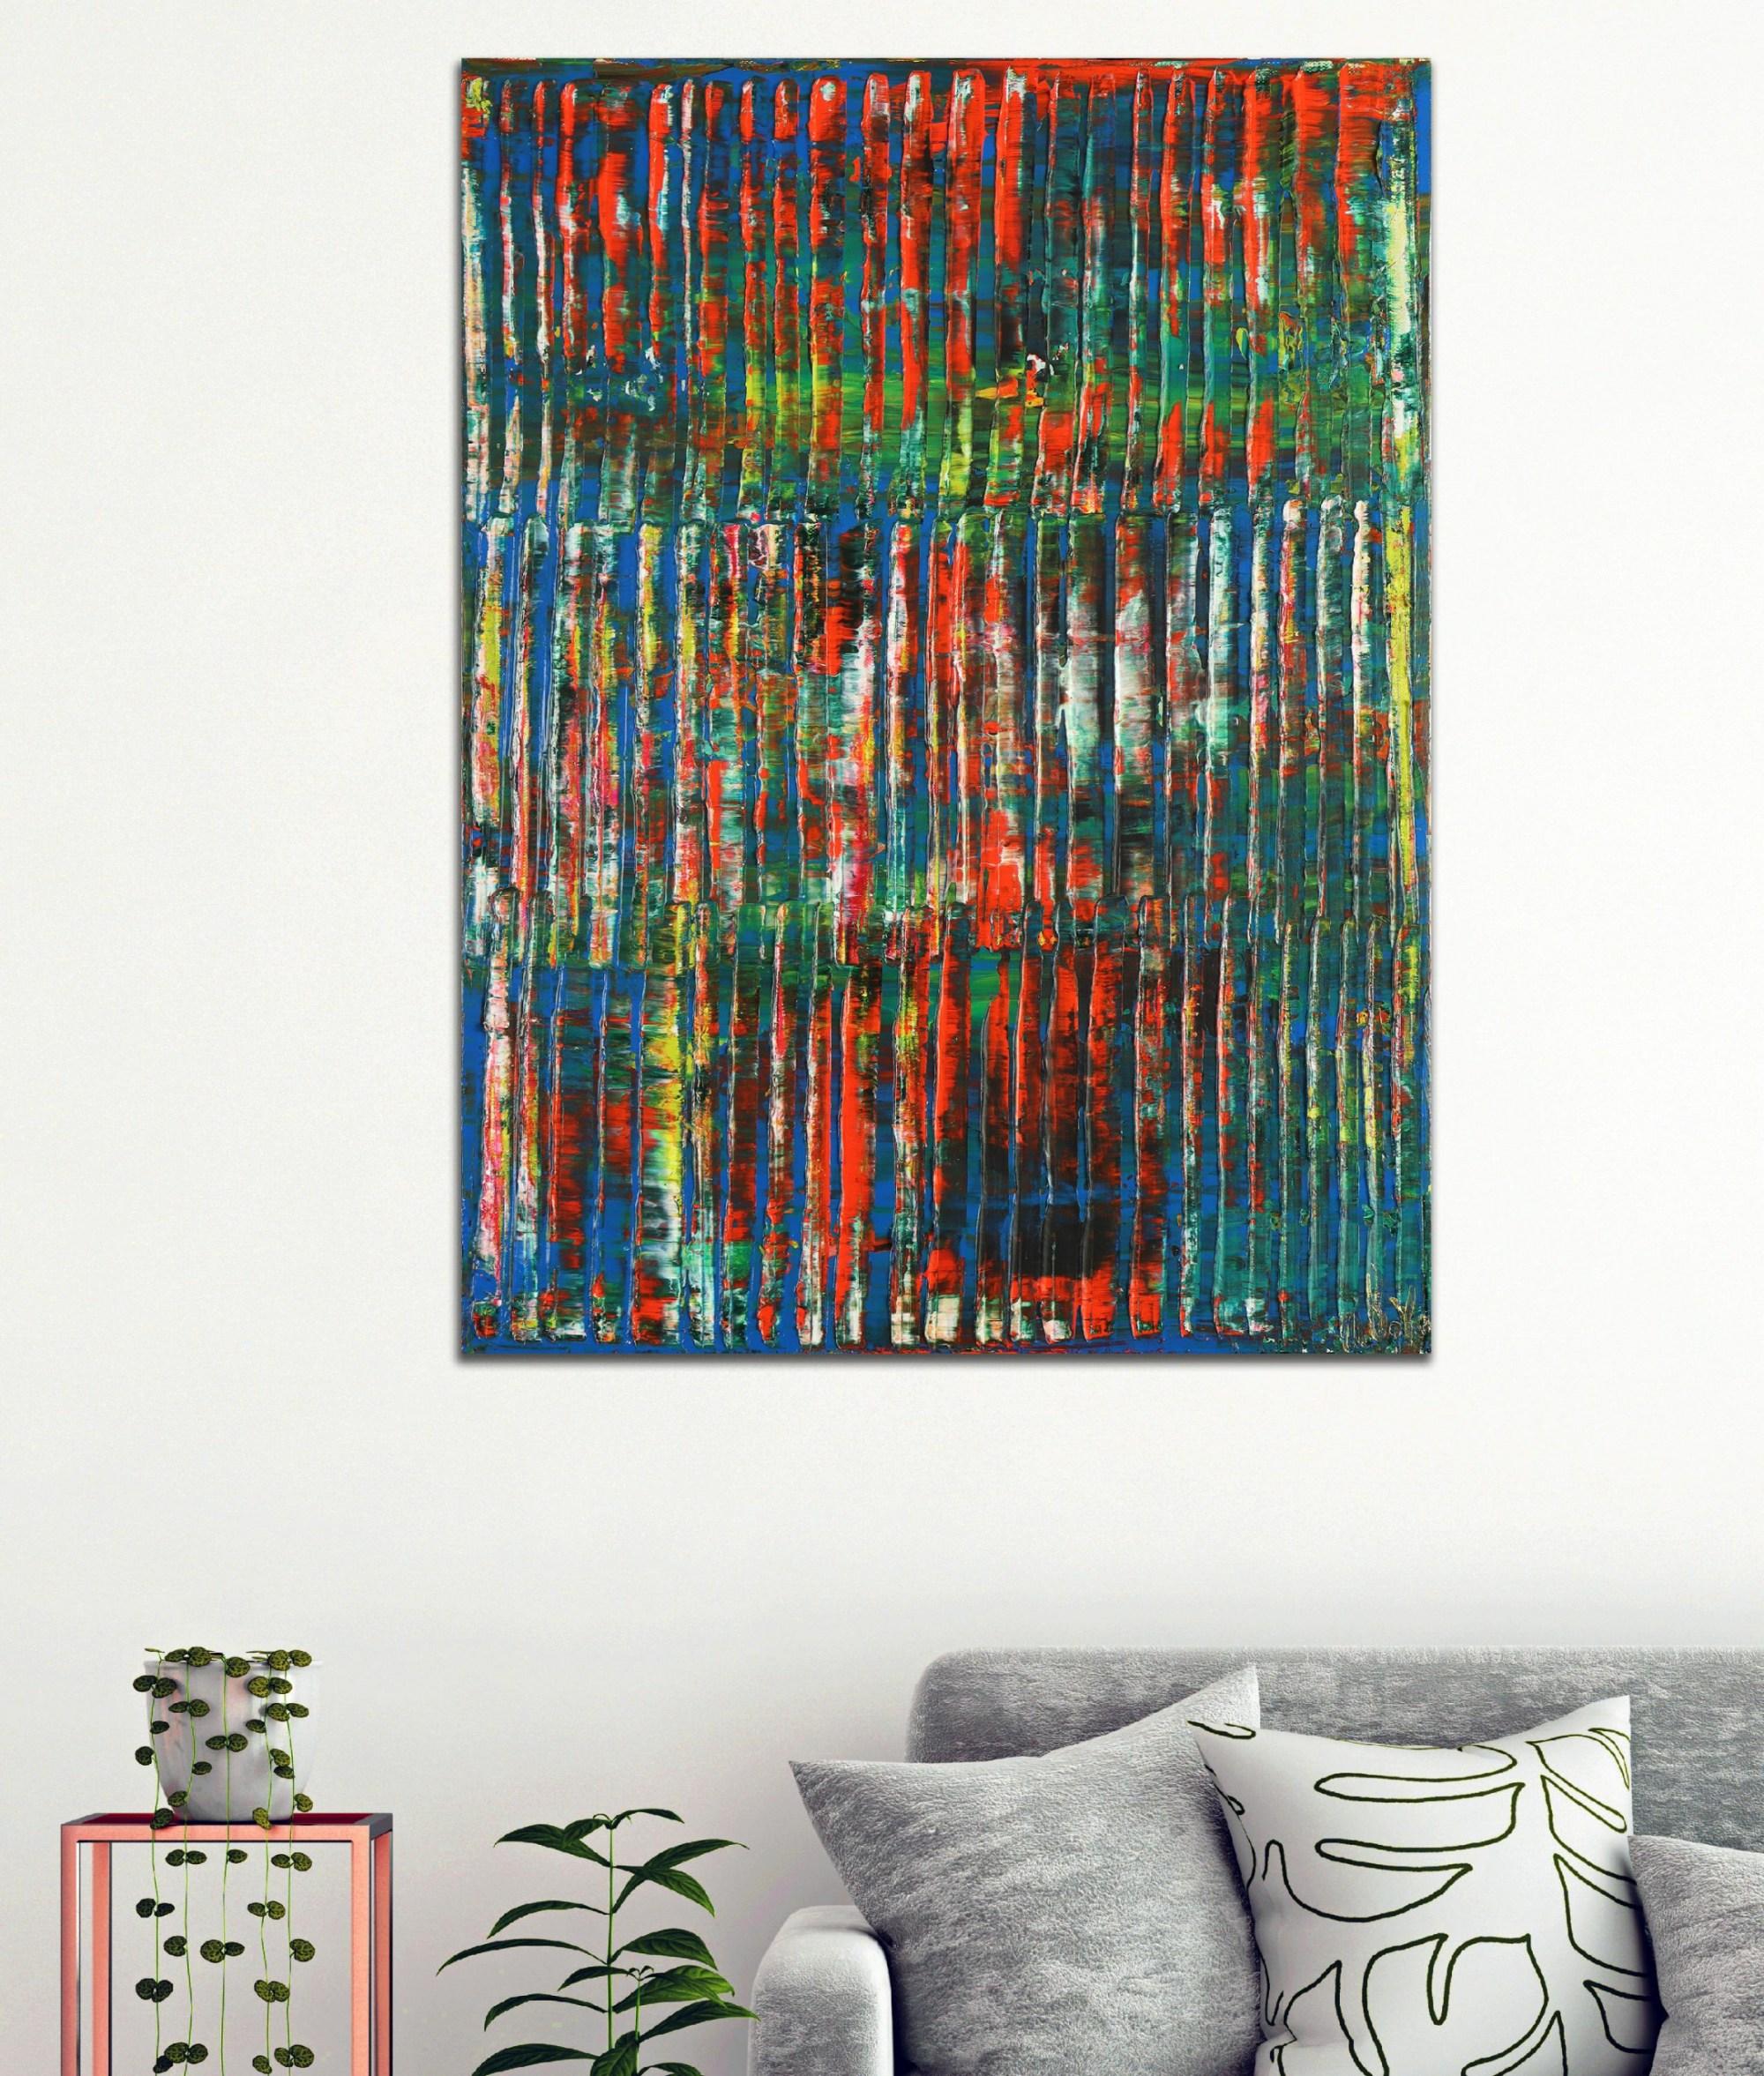 A Color Equation 2 (2021) 18x24 / Artist: Nestor Toro